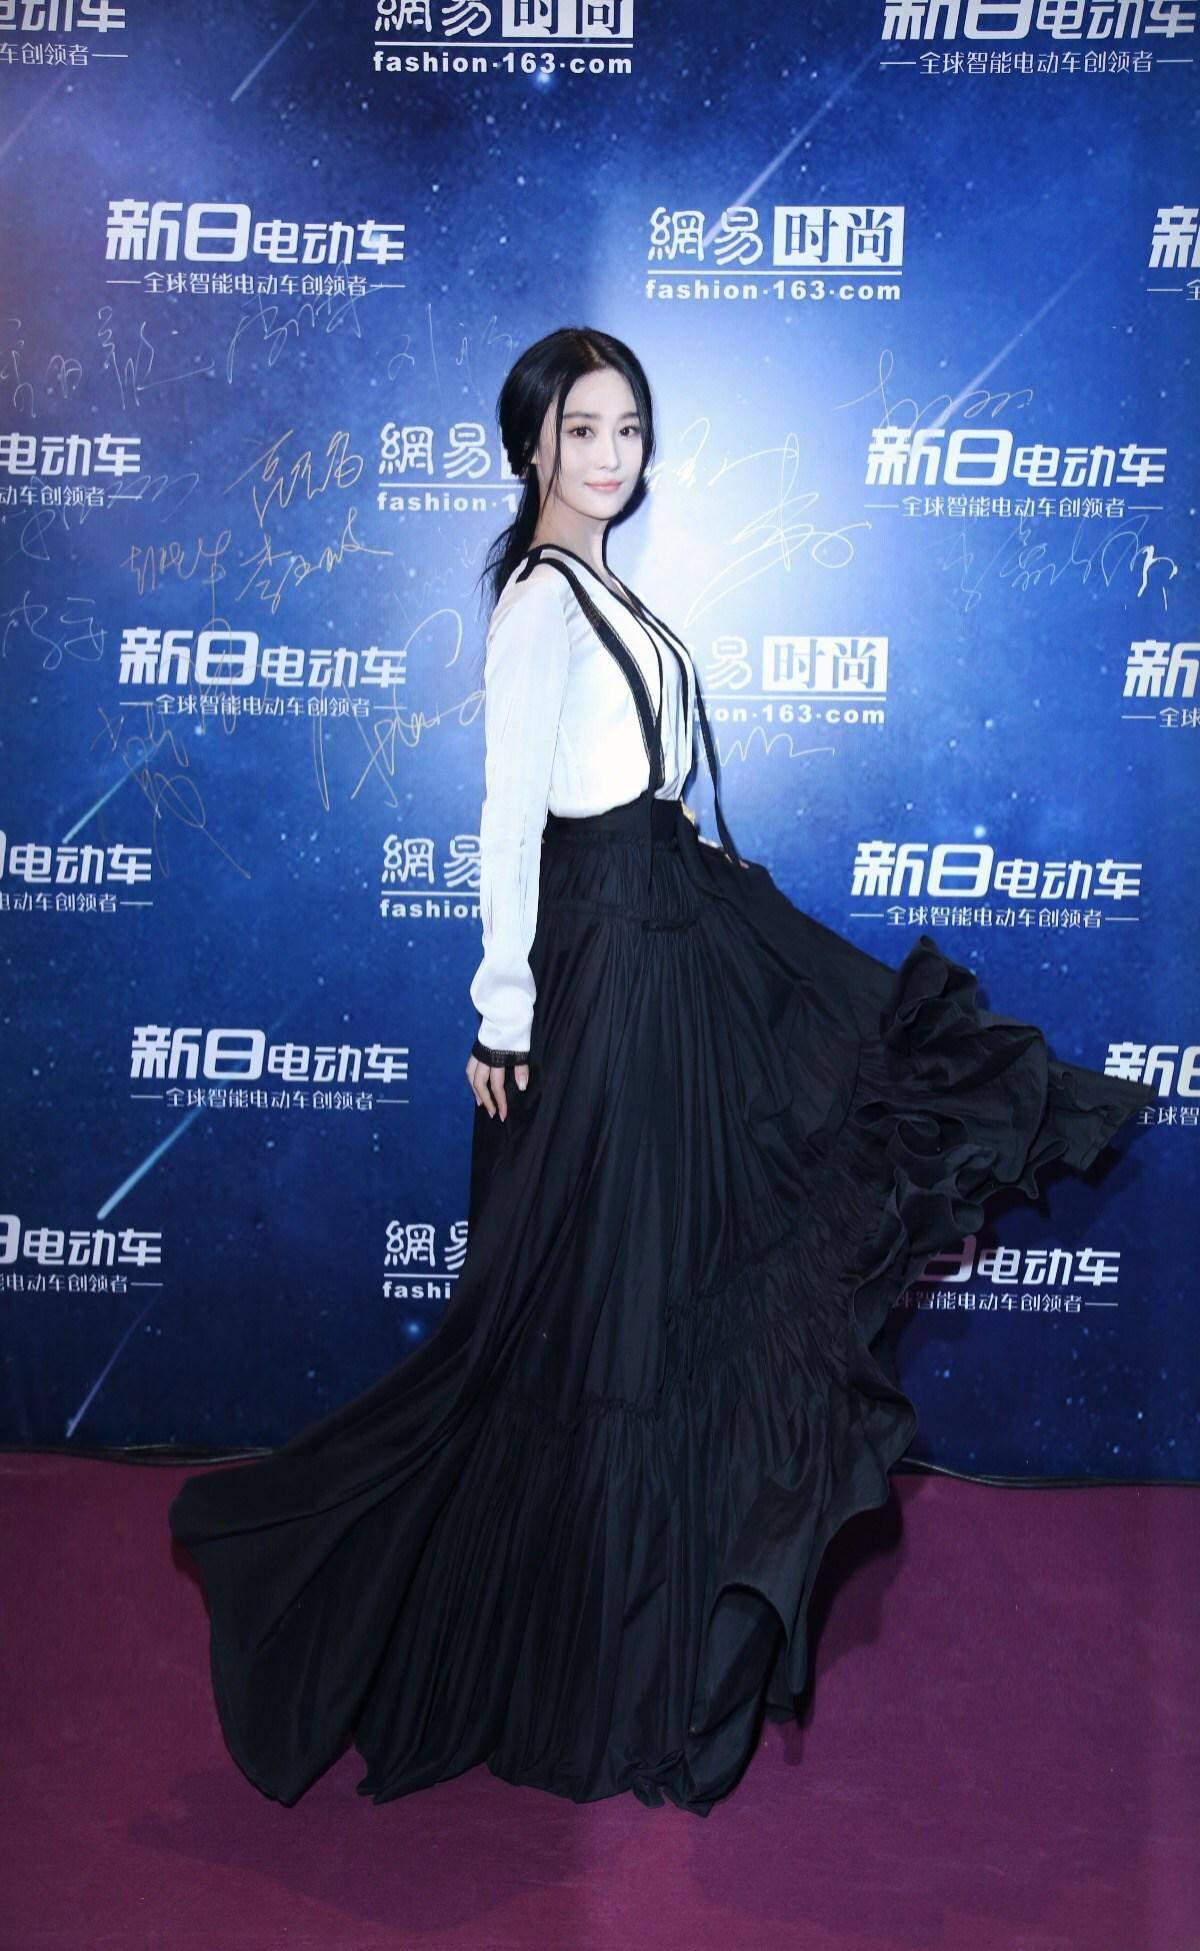 张馨予意外撞衫章子怡,同款黑白裙走红毯,好气质抵不过强气场